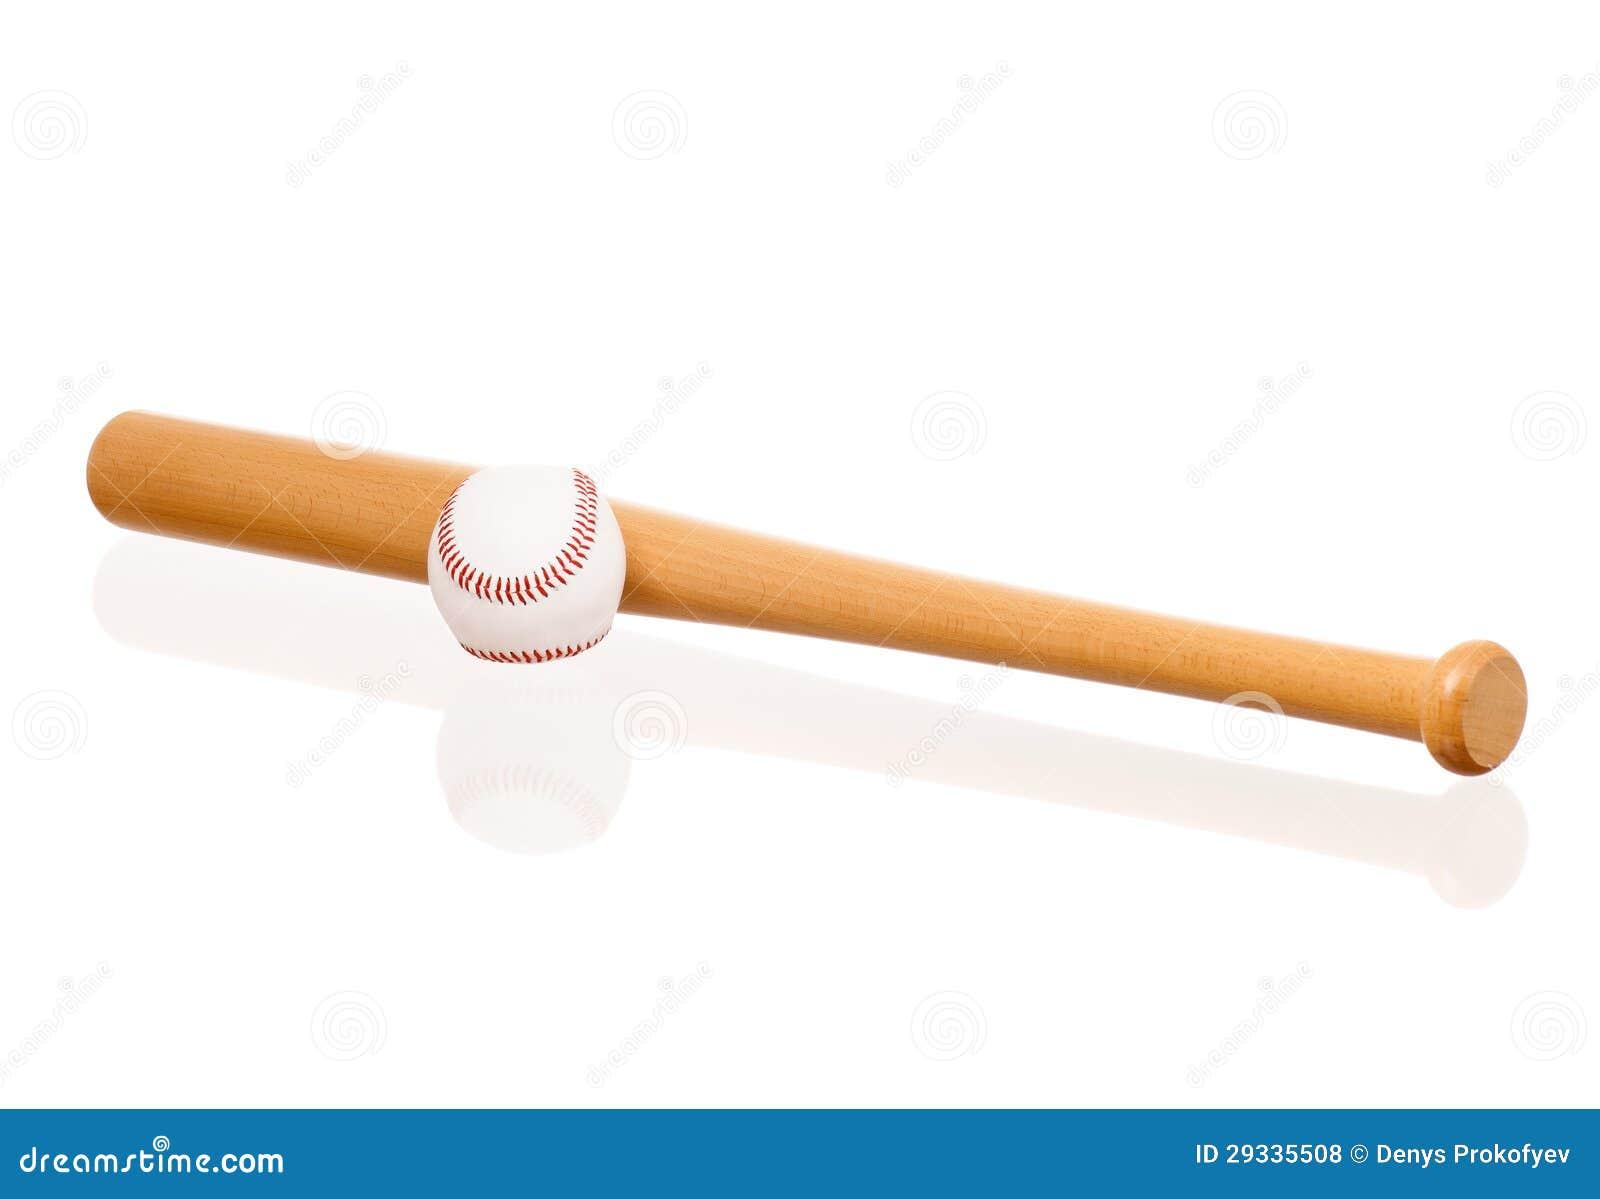 Baseball Bat And Ball Royalty Free Stock Photos - Image: 29335508